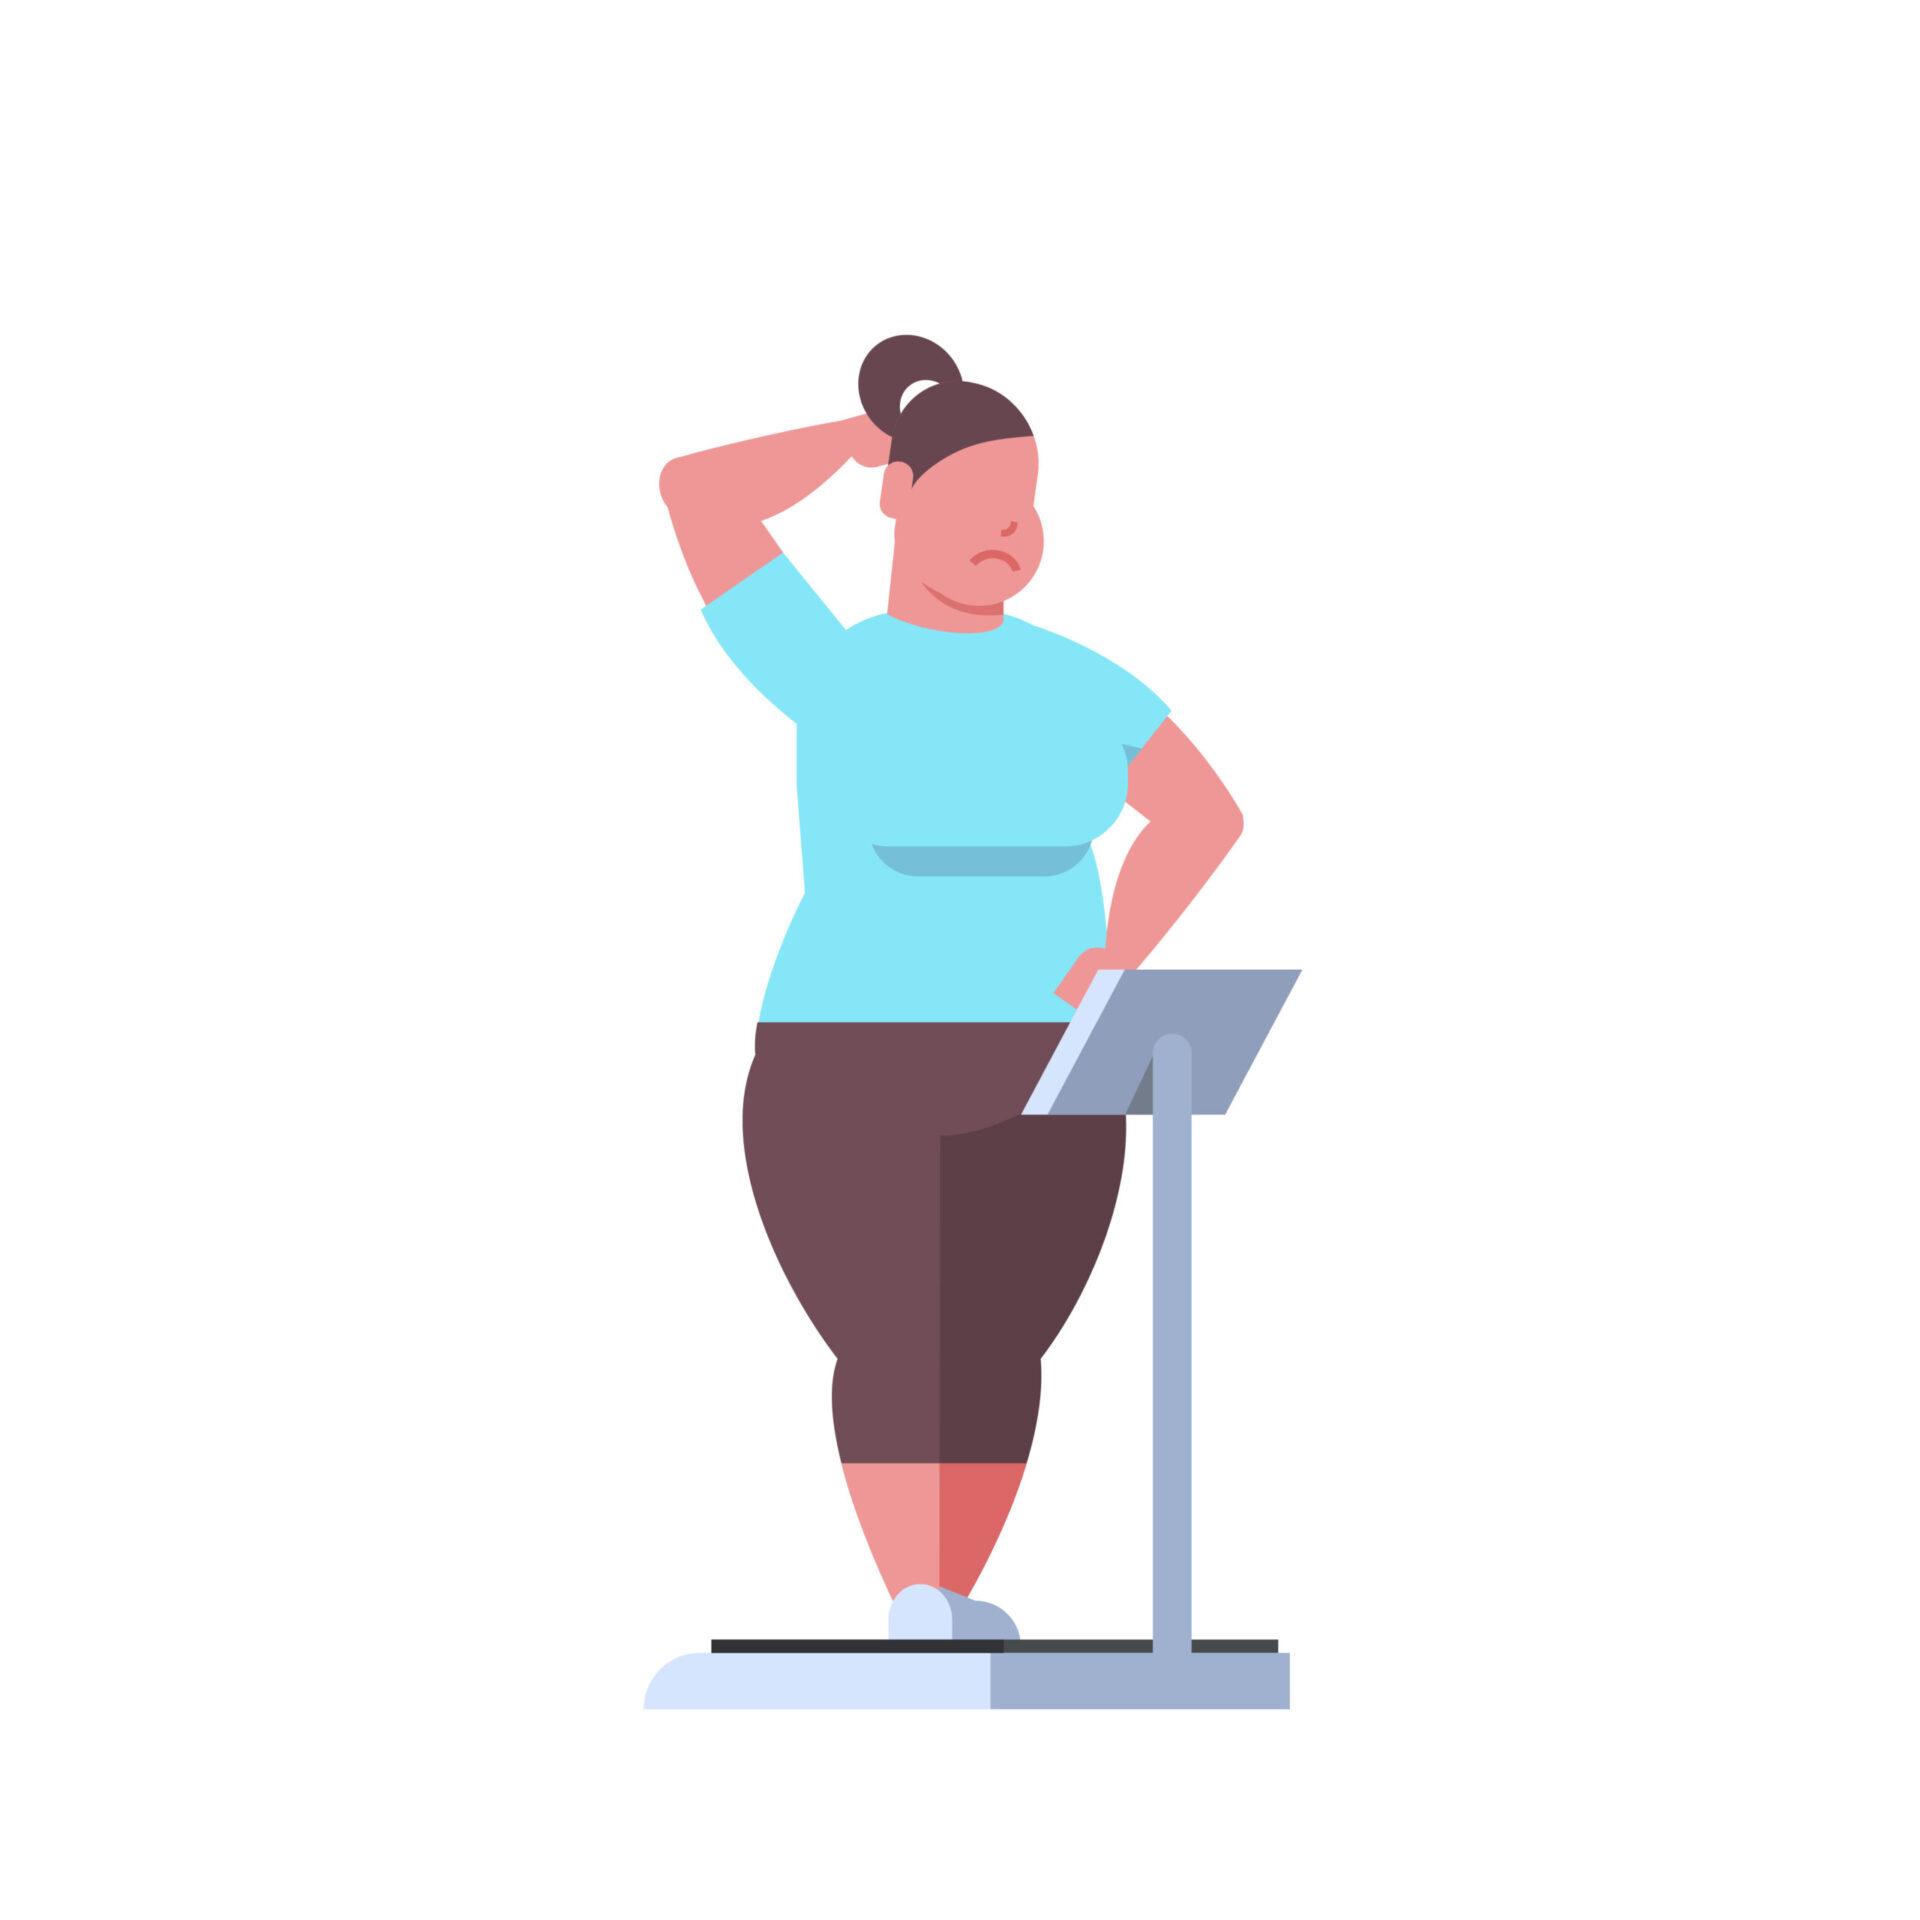 Creșterea aportului caloric adus de alimente tip junk food și scăderea activității fizice duc la obezitate.